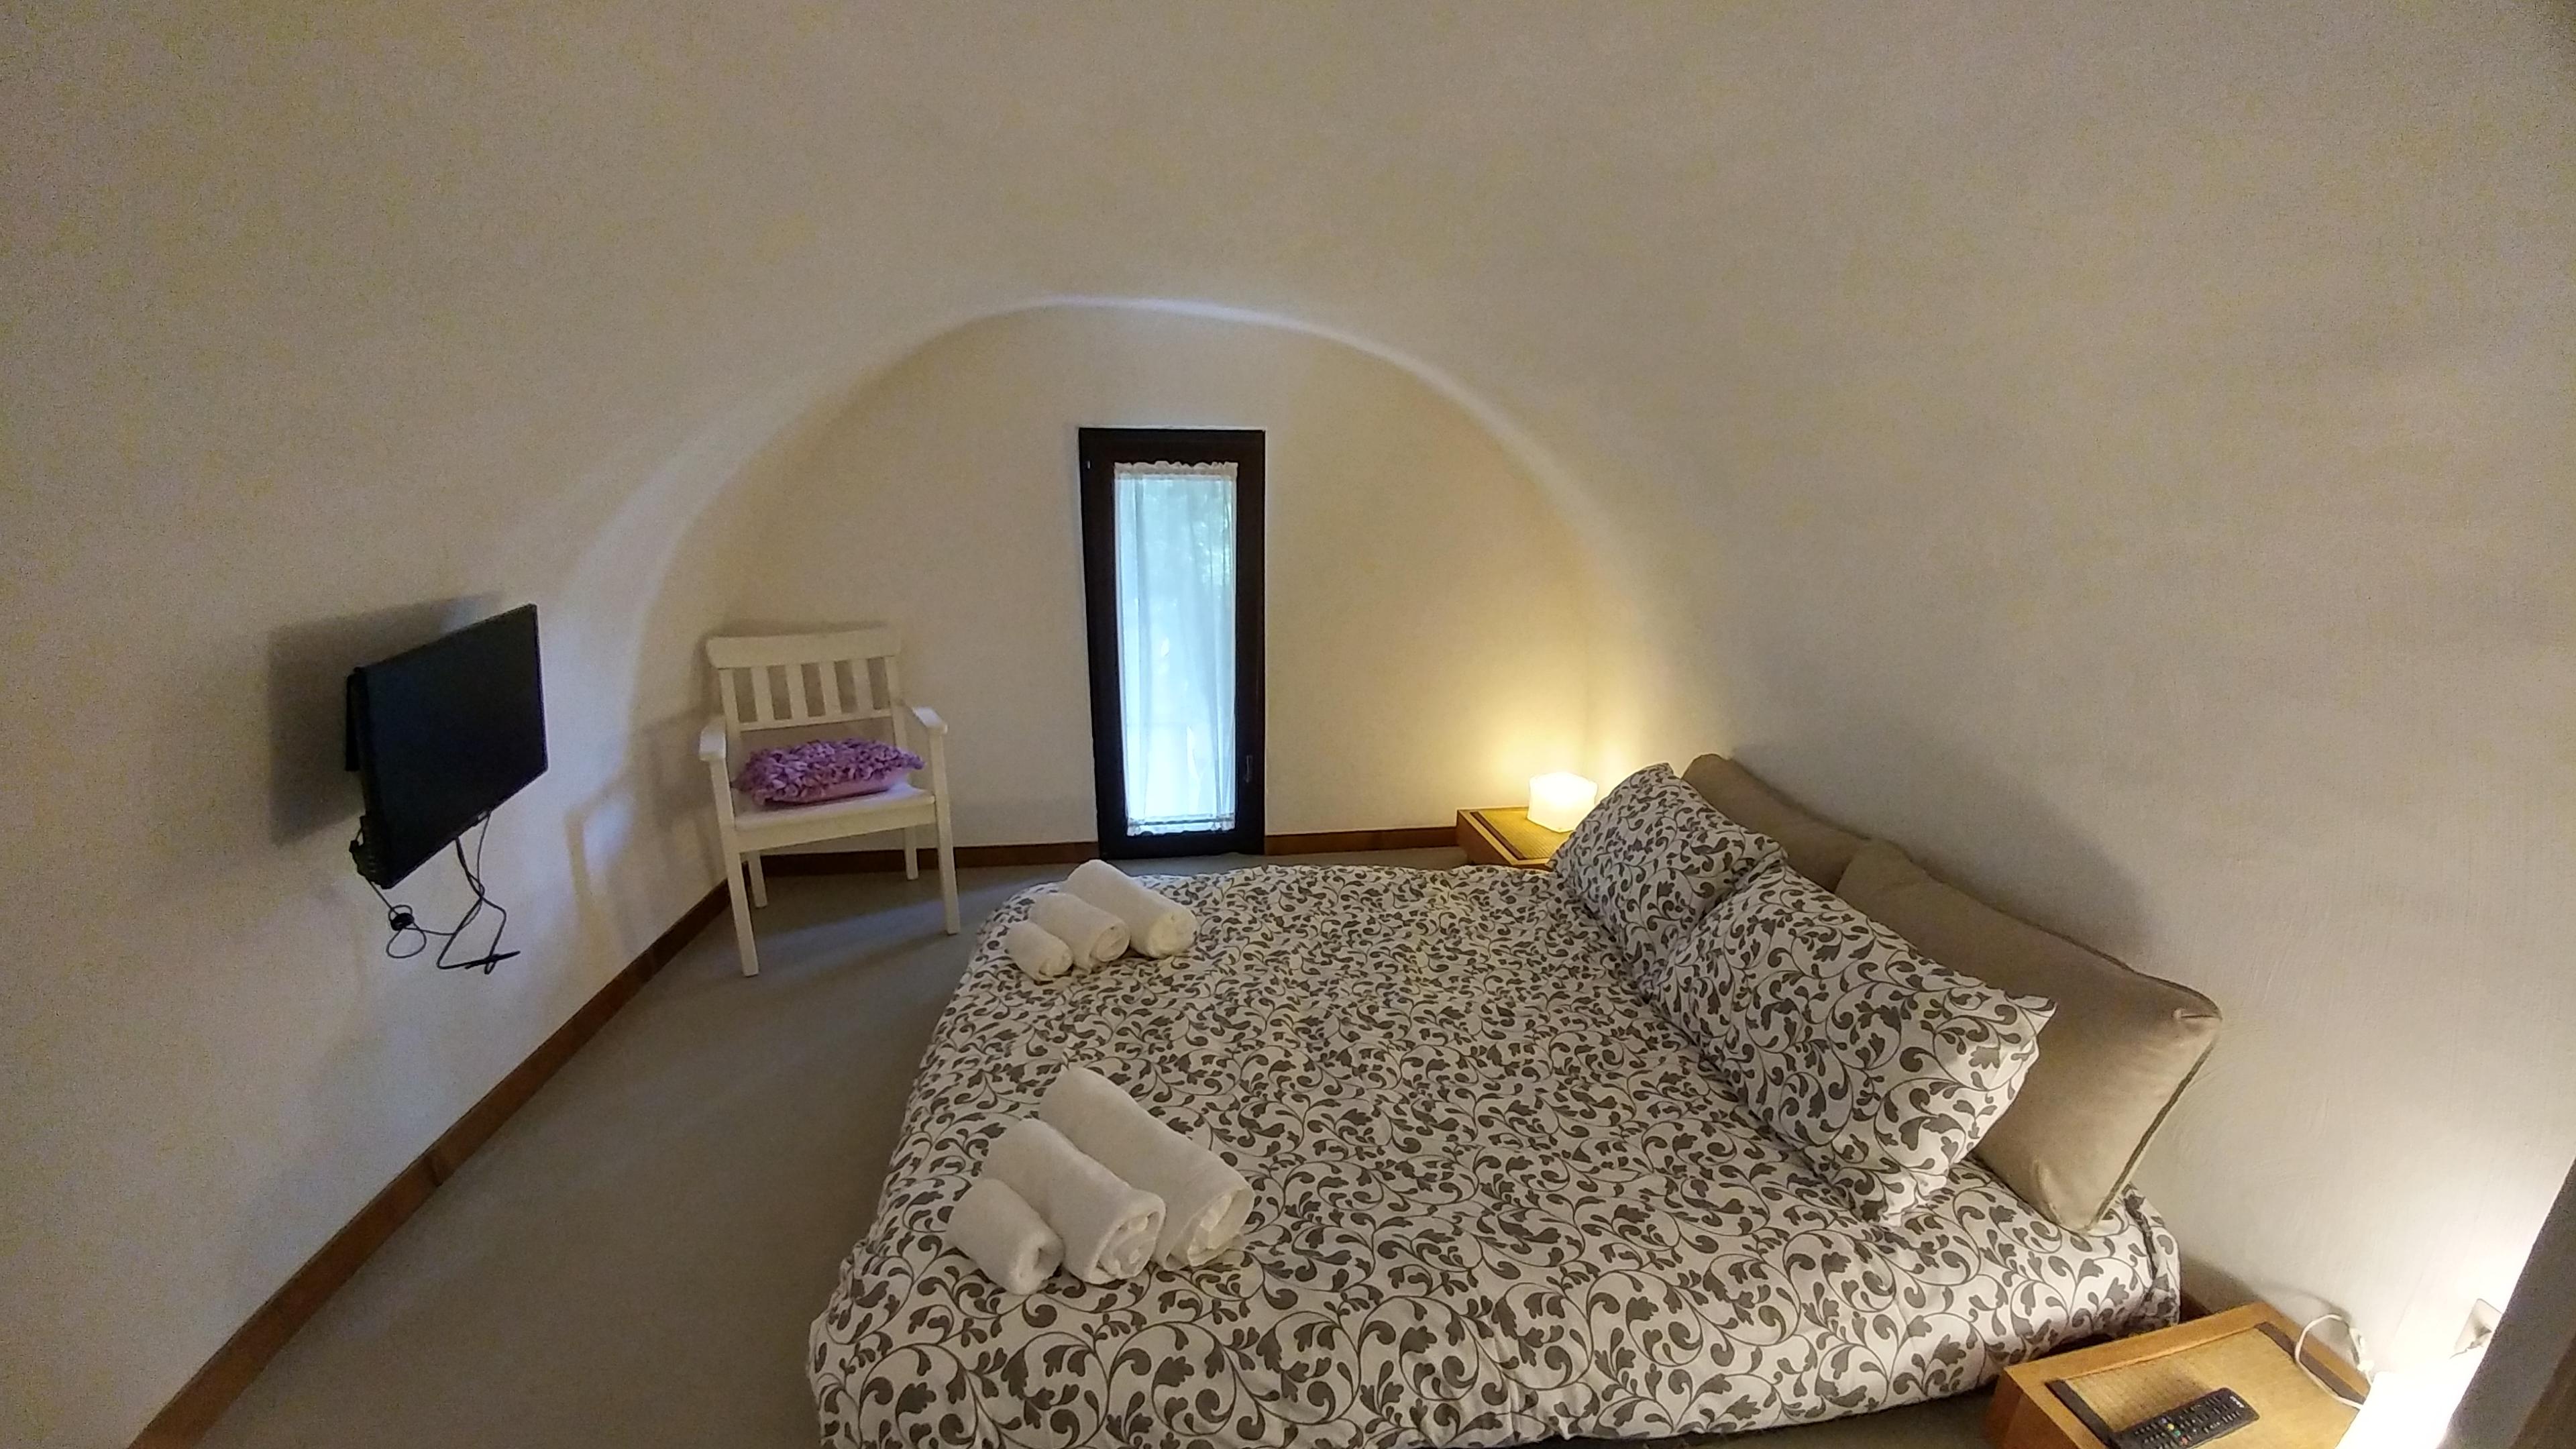 Ferienhaus Dimora Aganoor das Gstehaus - nur wenige Schritte von der Divina Costiera entf (2421007), Cava de' Tirreni, Salerno, Kampanien, Italien, Bild 18